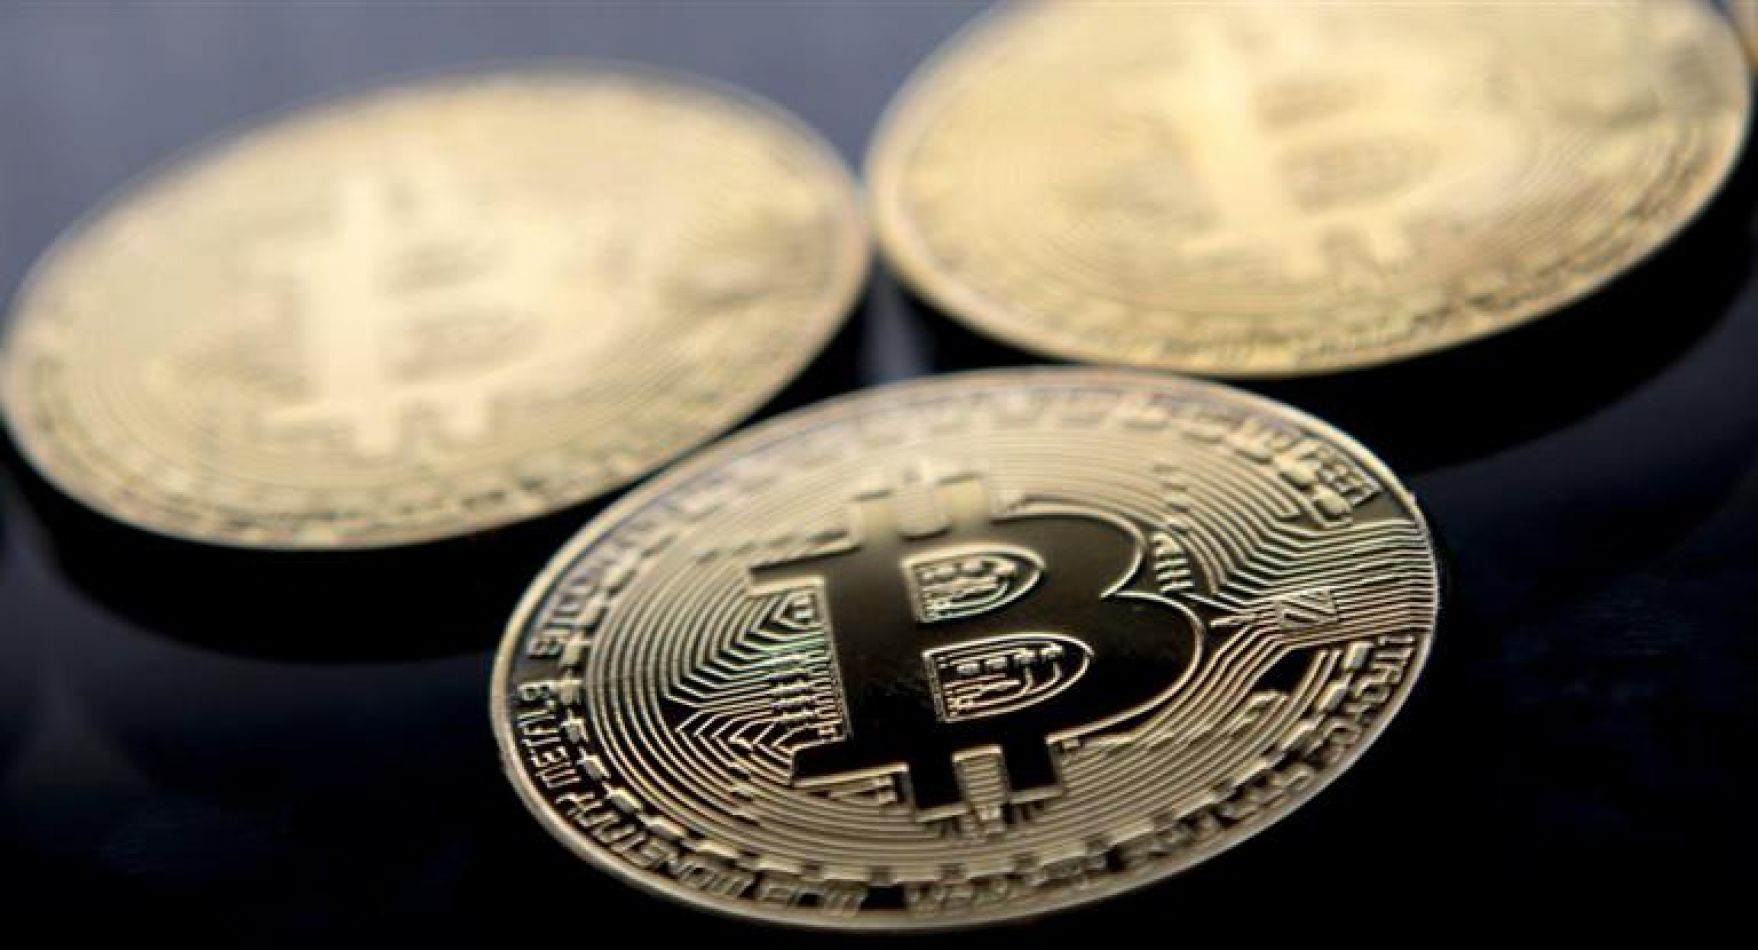 El bitcoin se vuelve a disparar por encima de los u$s 8.000